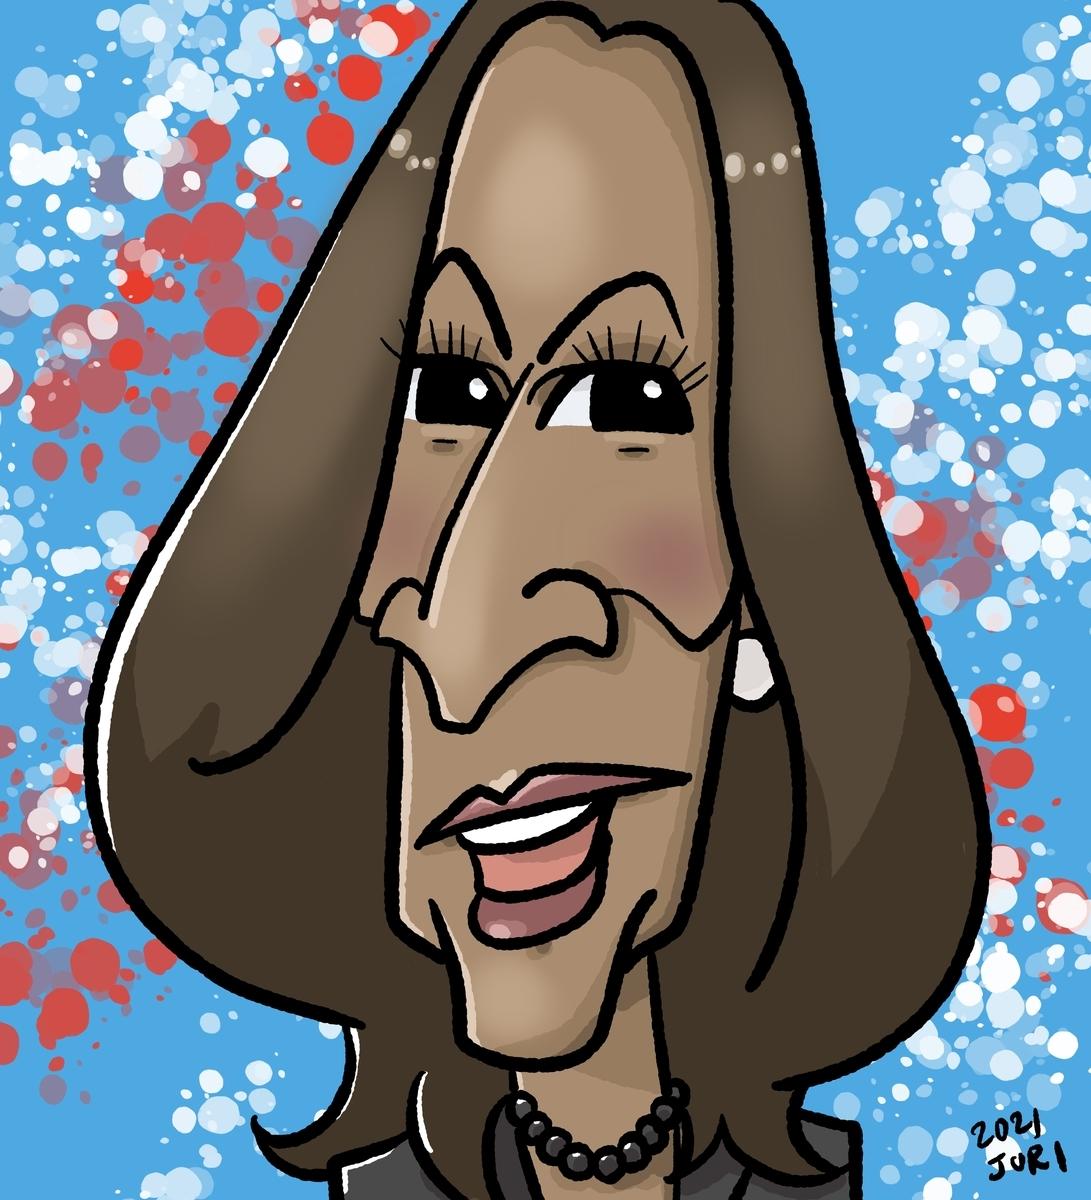 ハリス副大統領の似顔絵